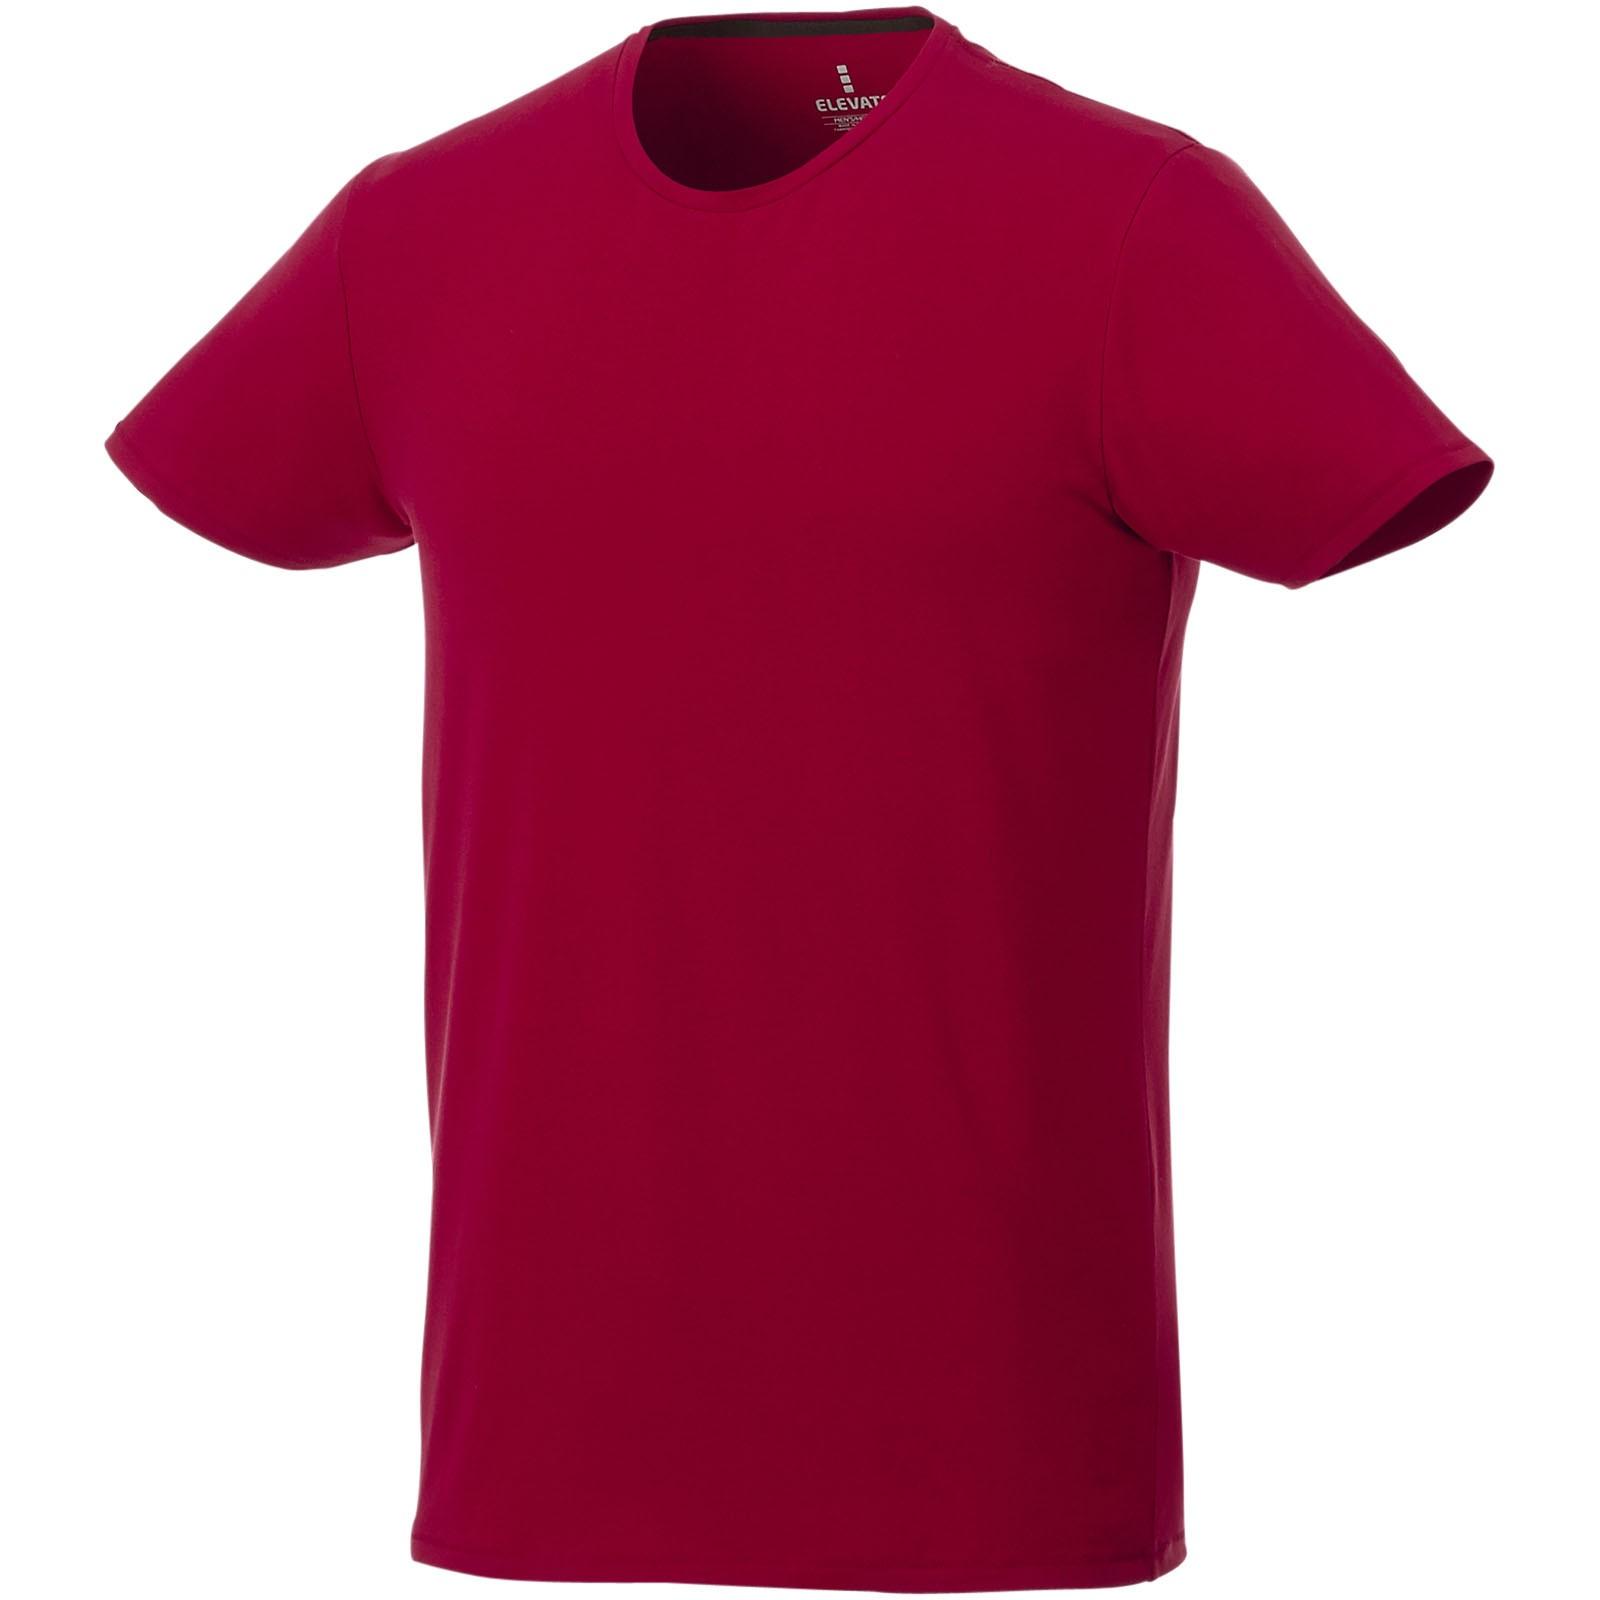 Balfour short sleeve men's GOTS organic t-shirt - Red / L